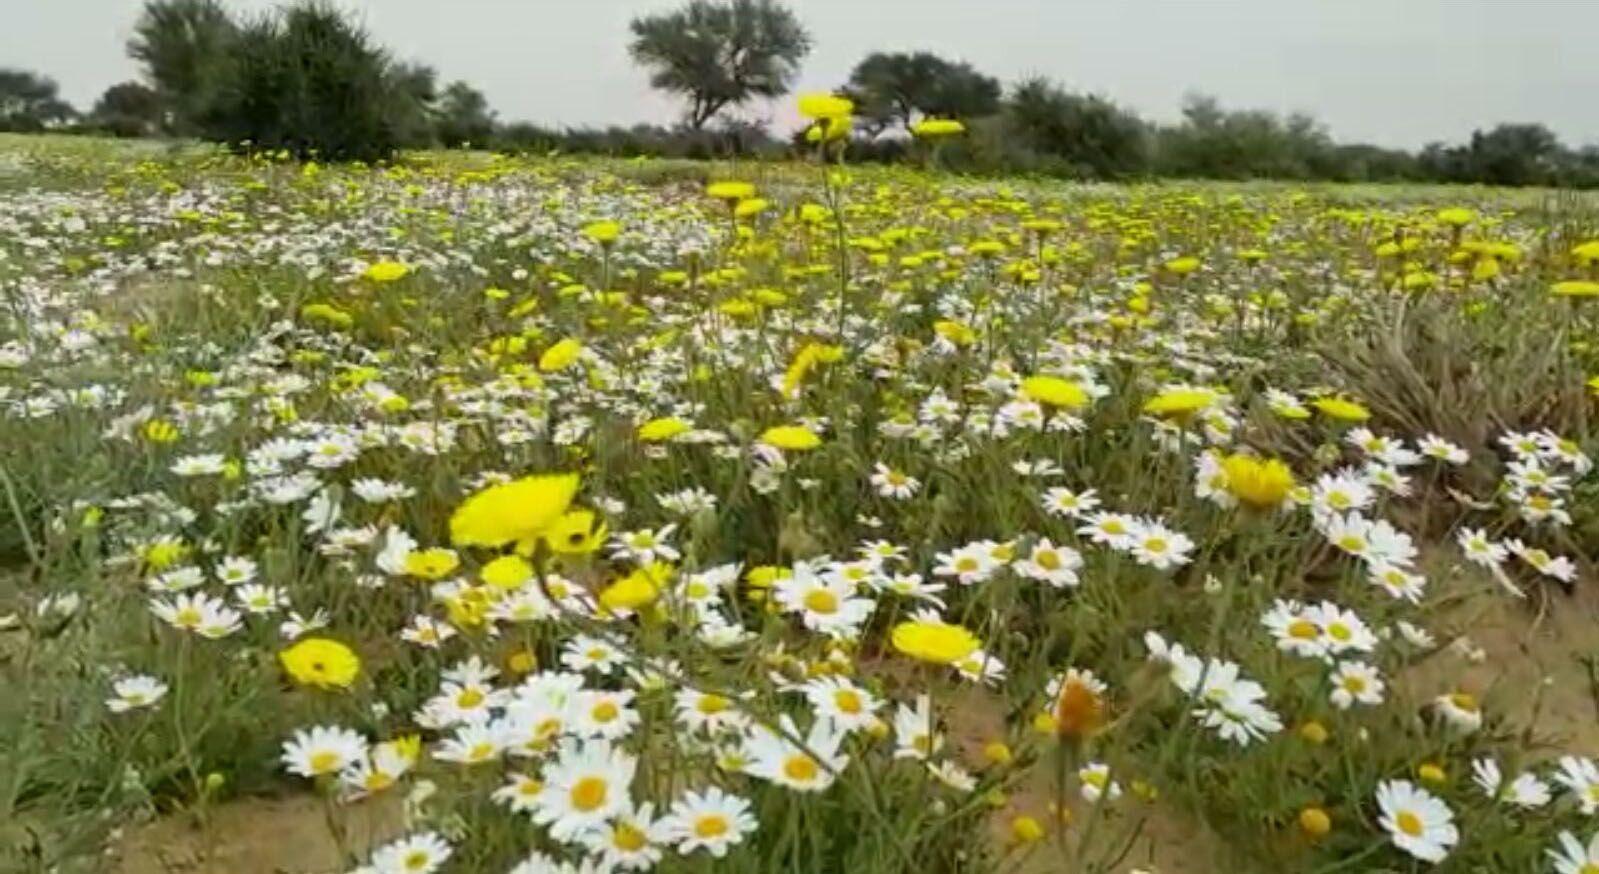 ورود الأقحوان وزهور البابونج تزين روضة التنهات Outdoor Plants Site